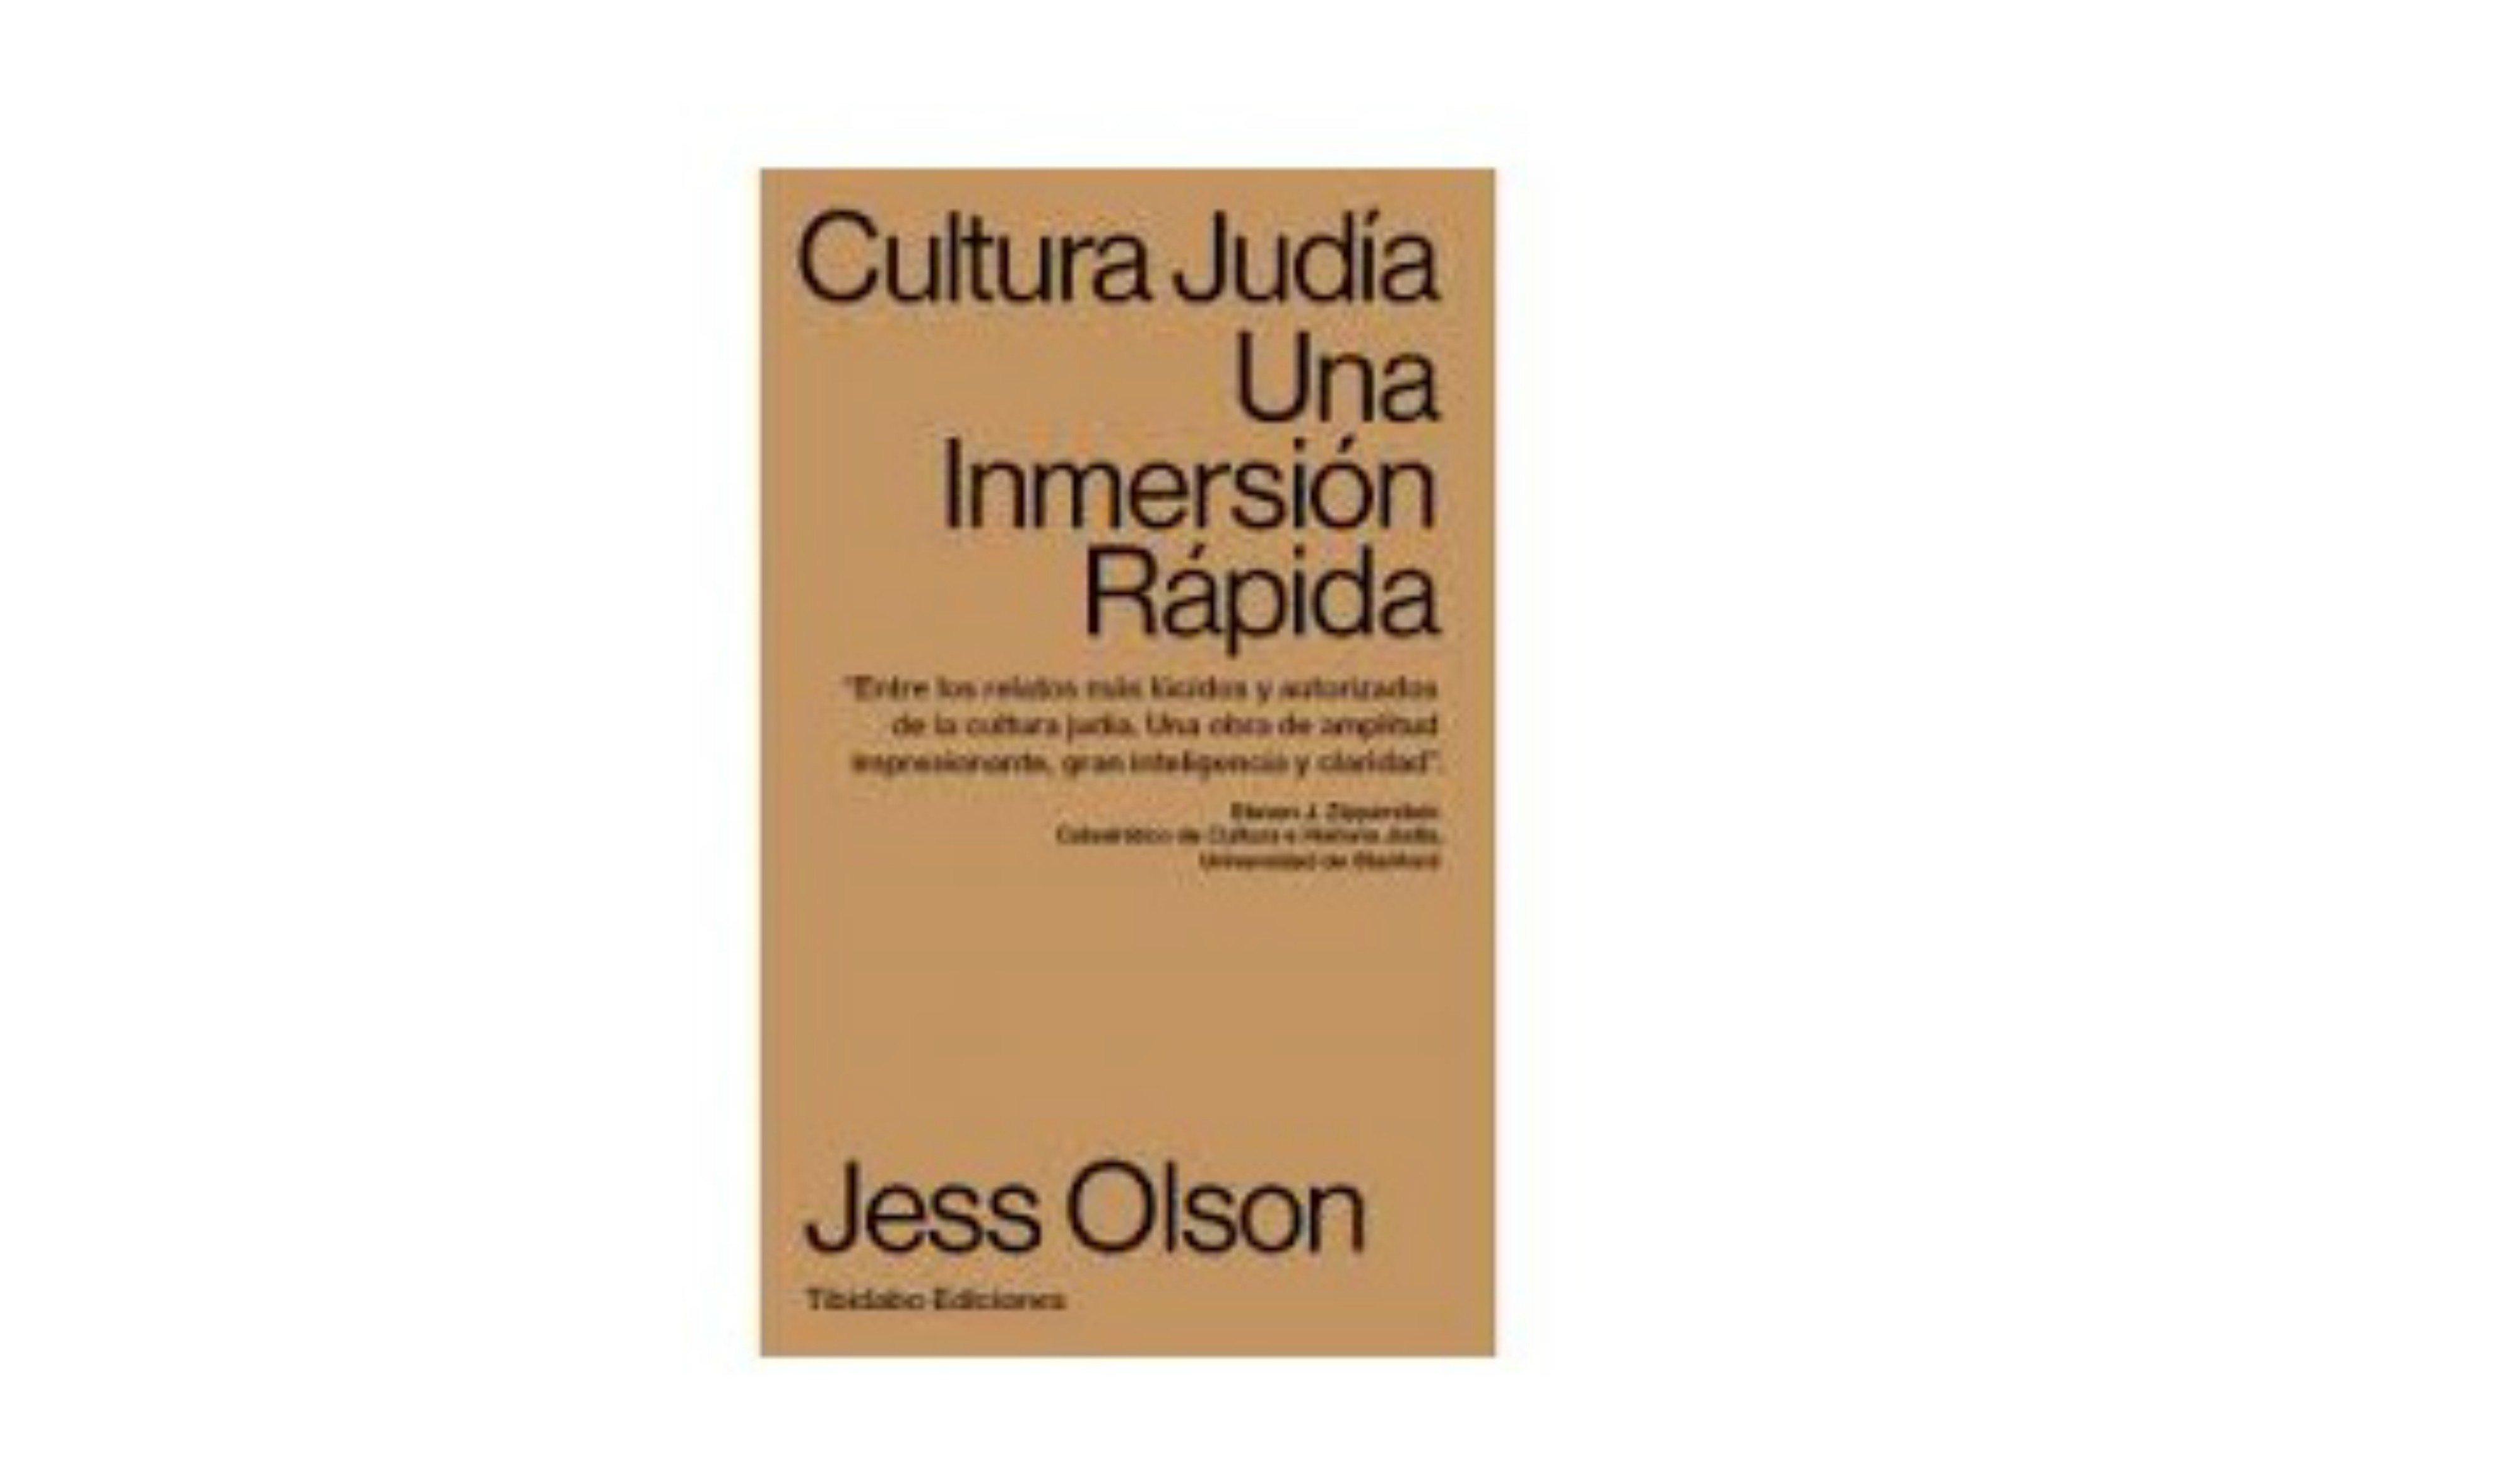 'Cultura judía'